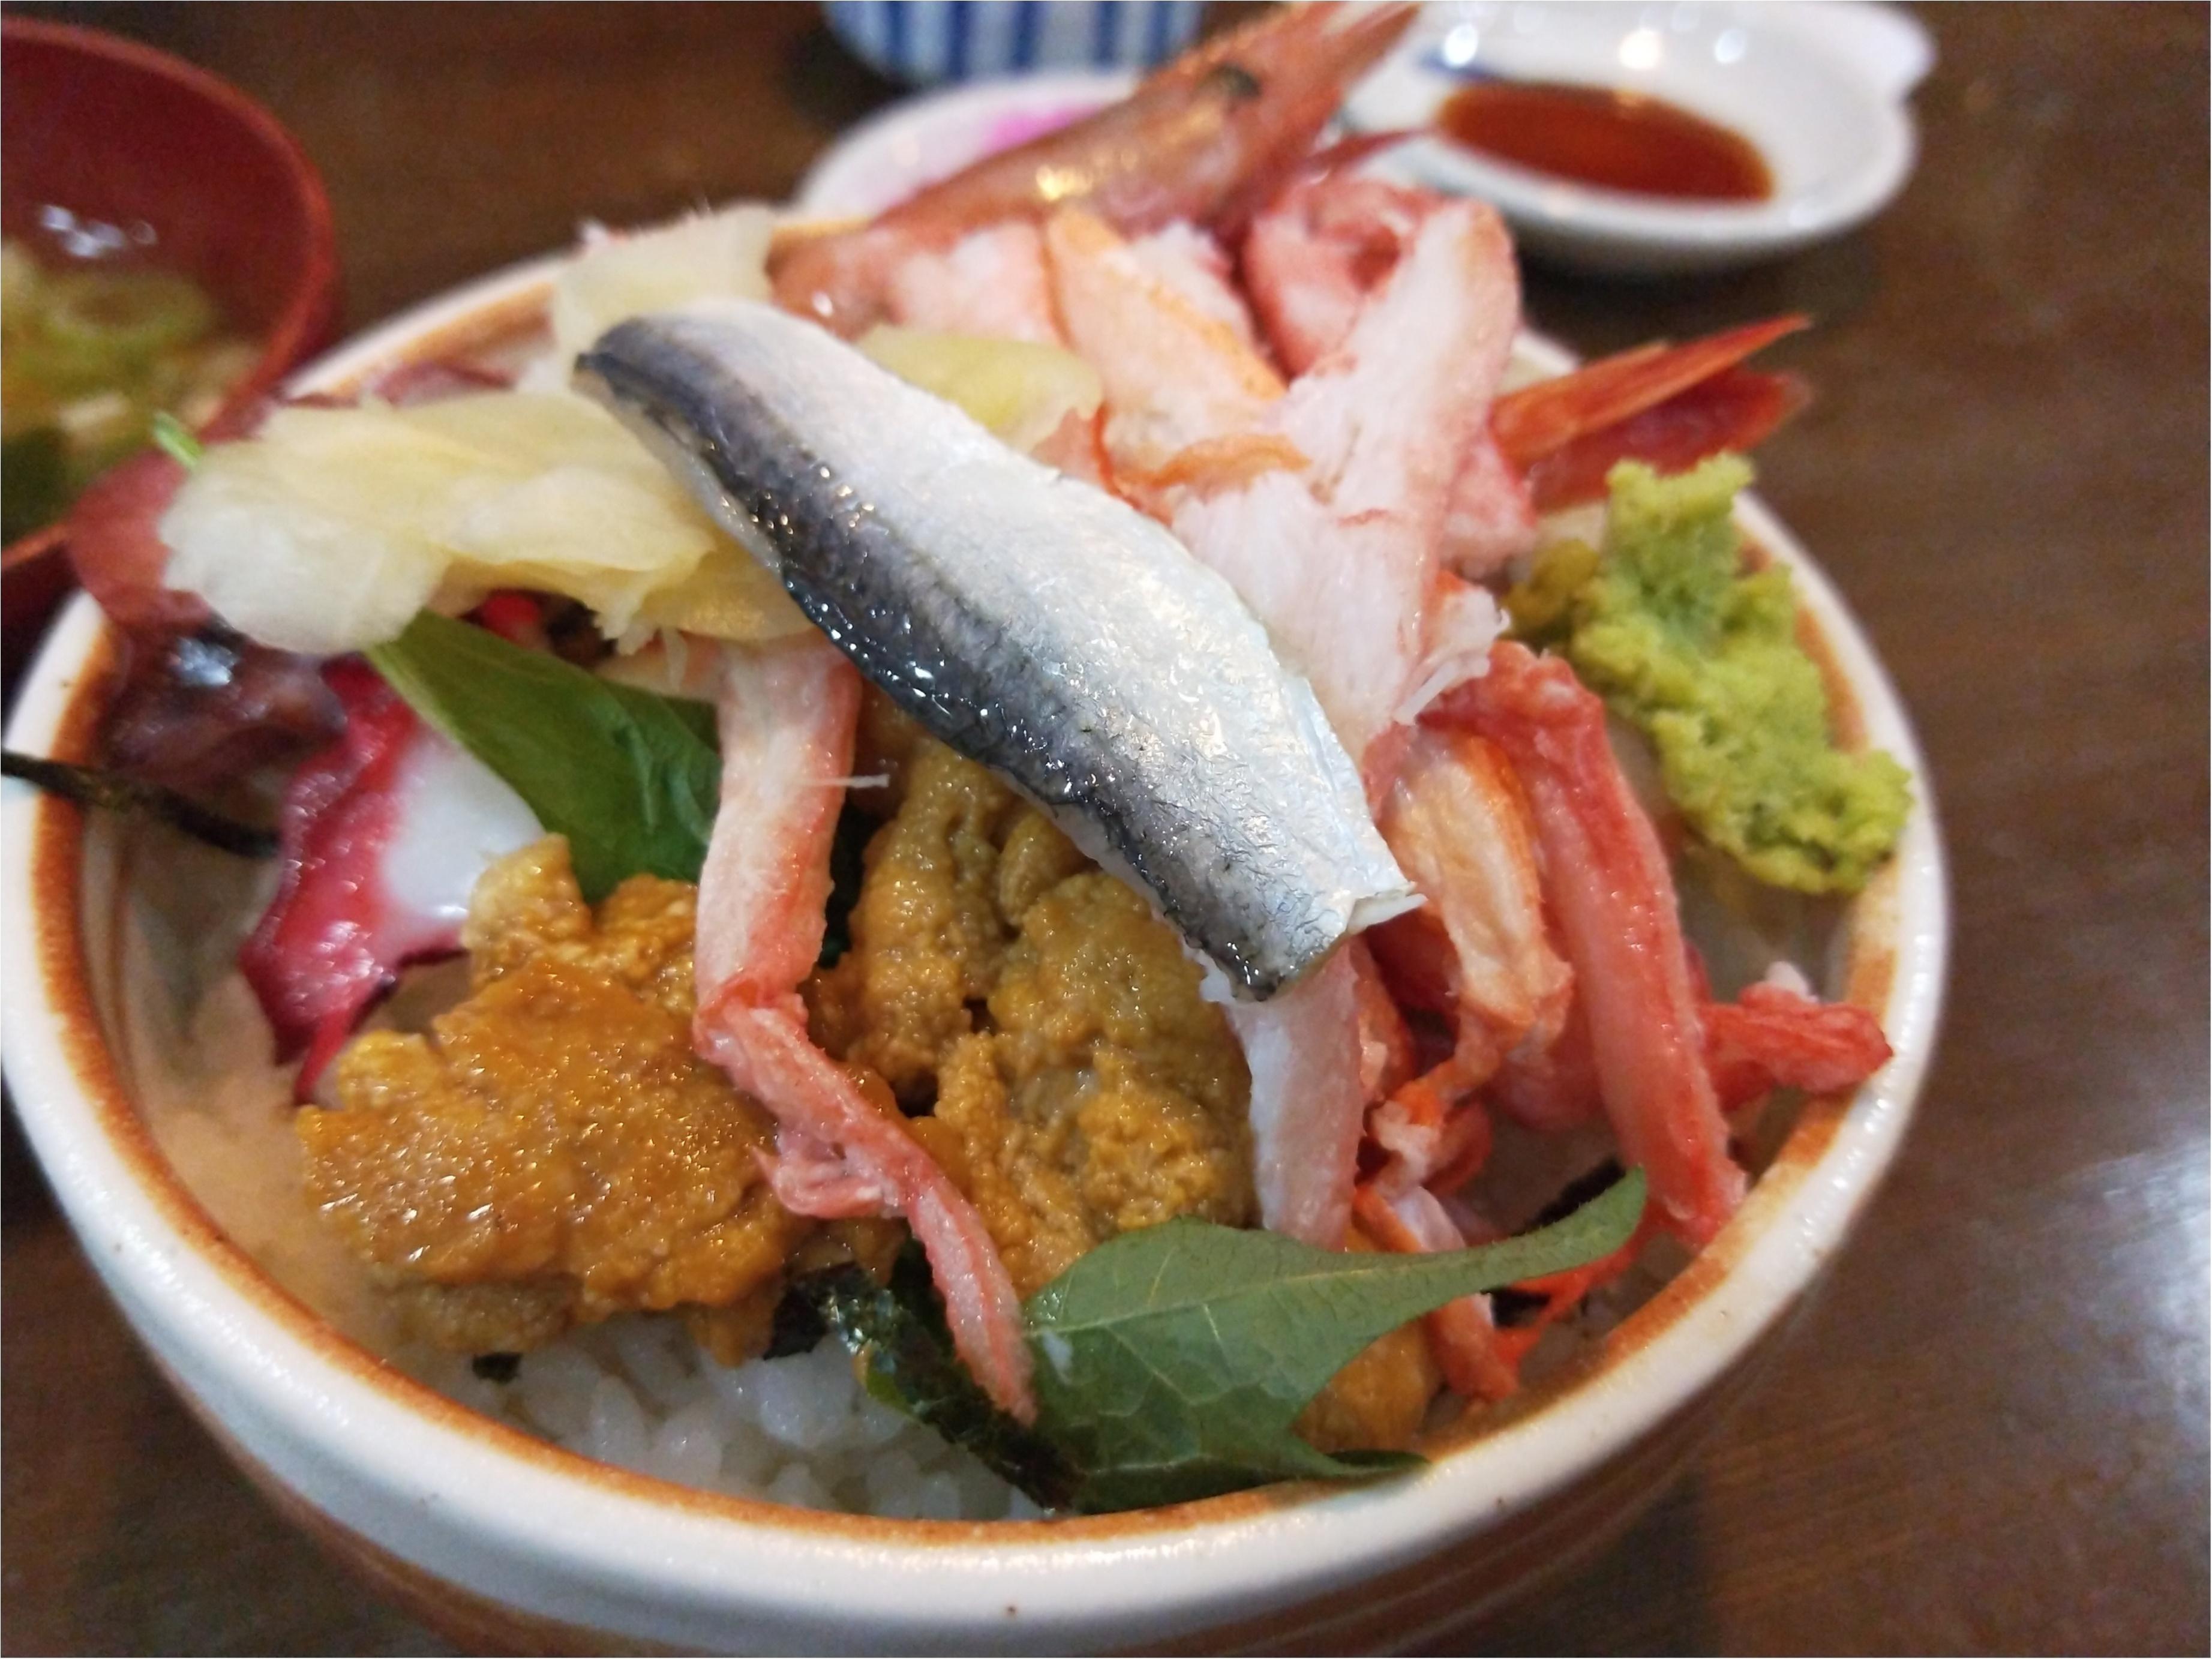 丘一面に広がる青い絨毯「ネモフィラ」観賞と新鮮な海鮮丼を食すバスツアー✨_3_3